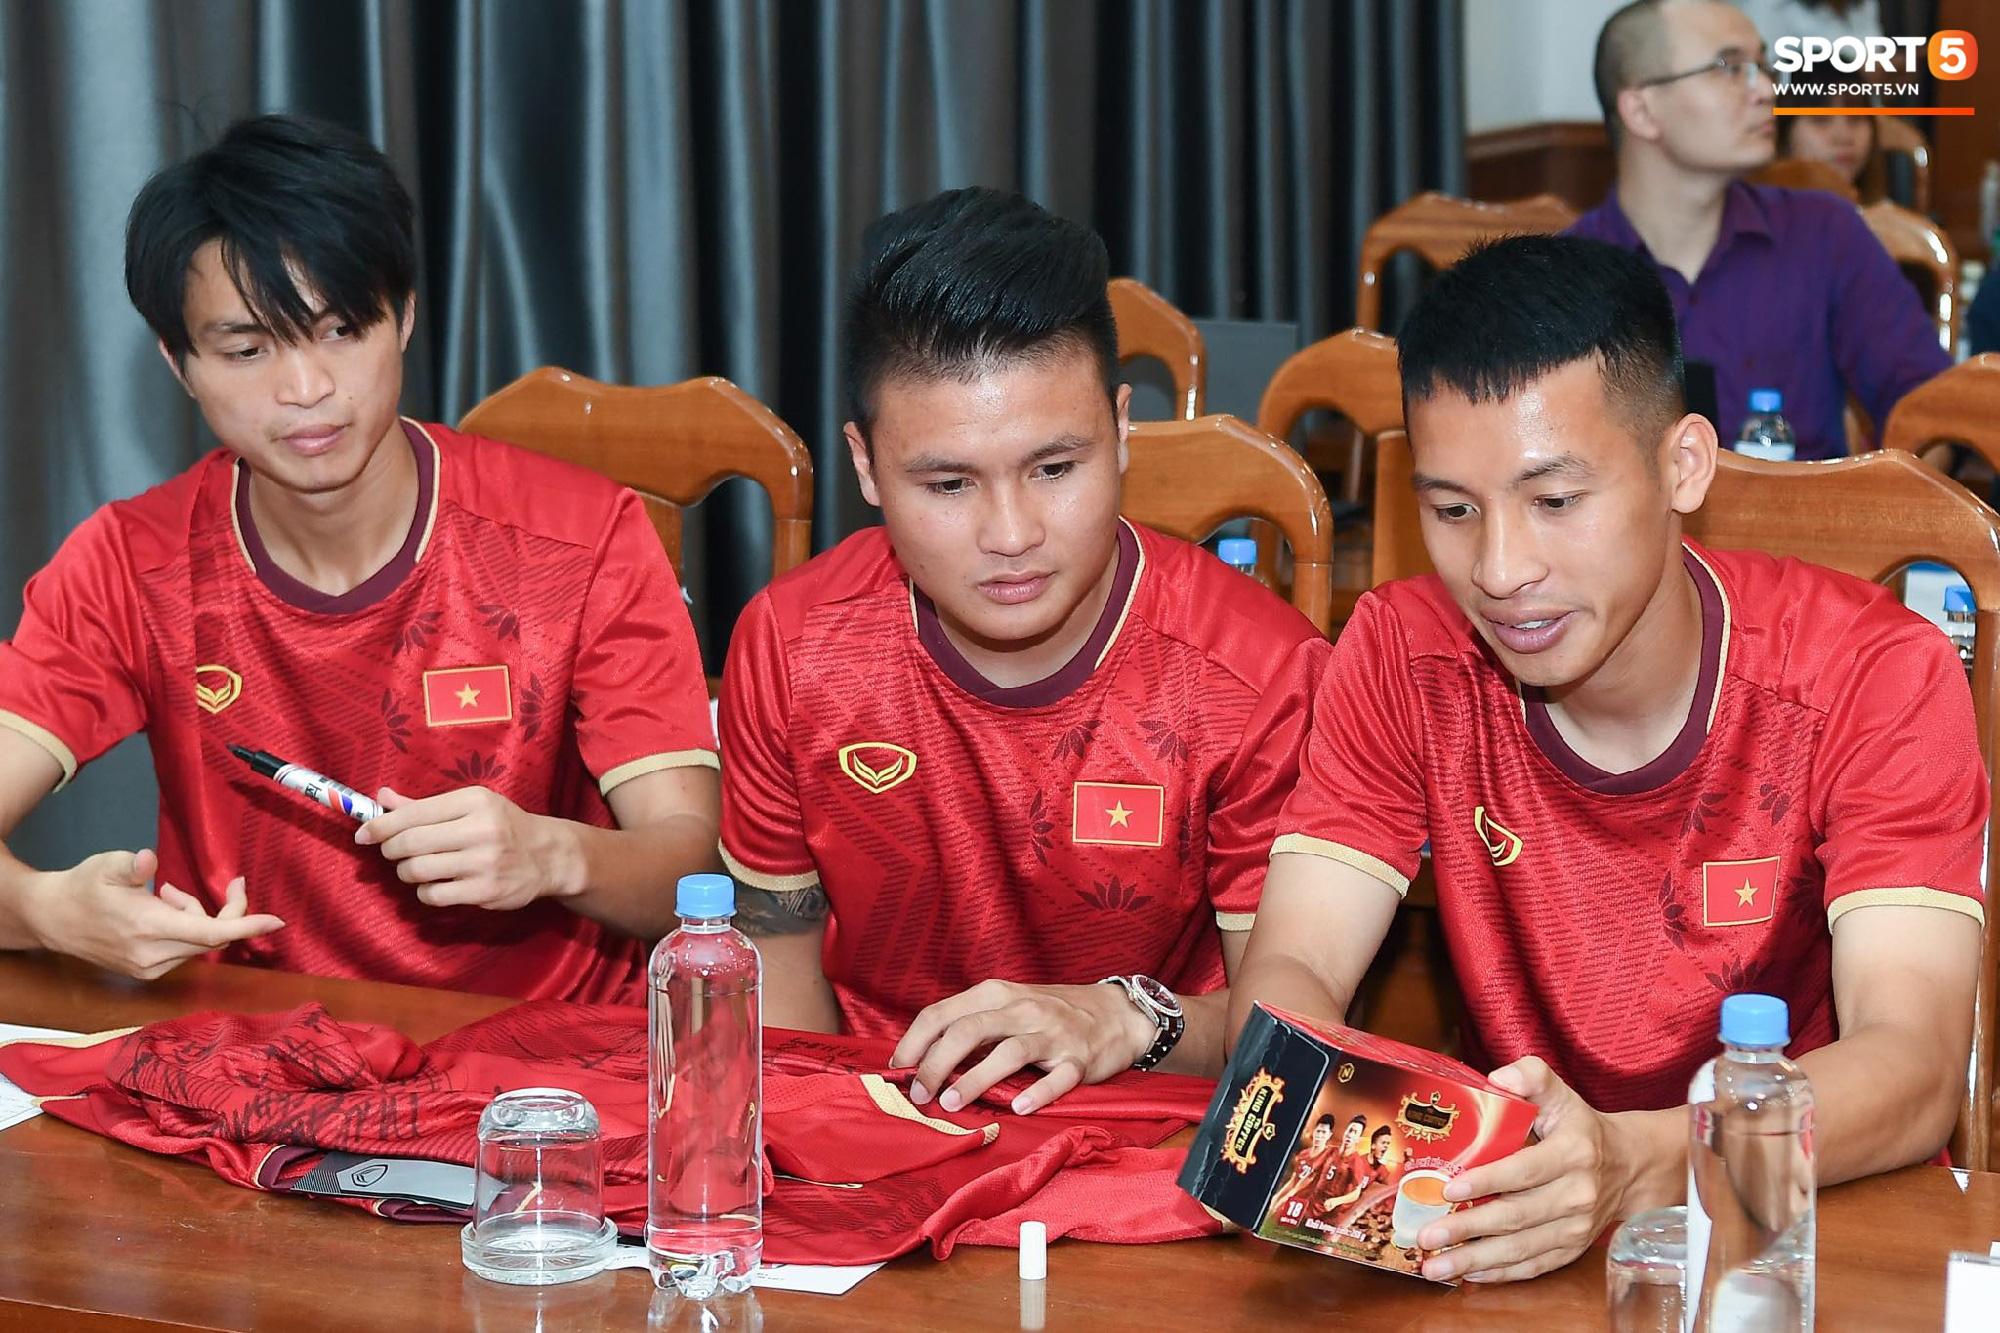 Tuấn Anh tán gẫu cực vui cùng các nữ tuyển thủ, Quang Hải gặp sự cố lạc đường hài hước trong phòng họp báo - Ảnh 1.